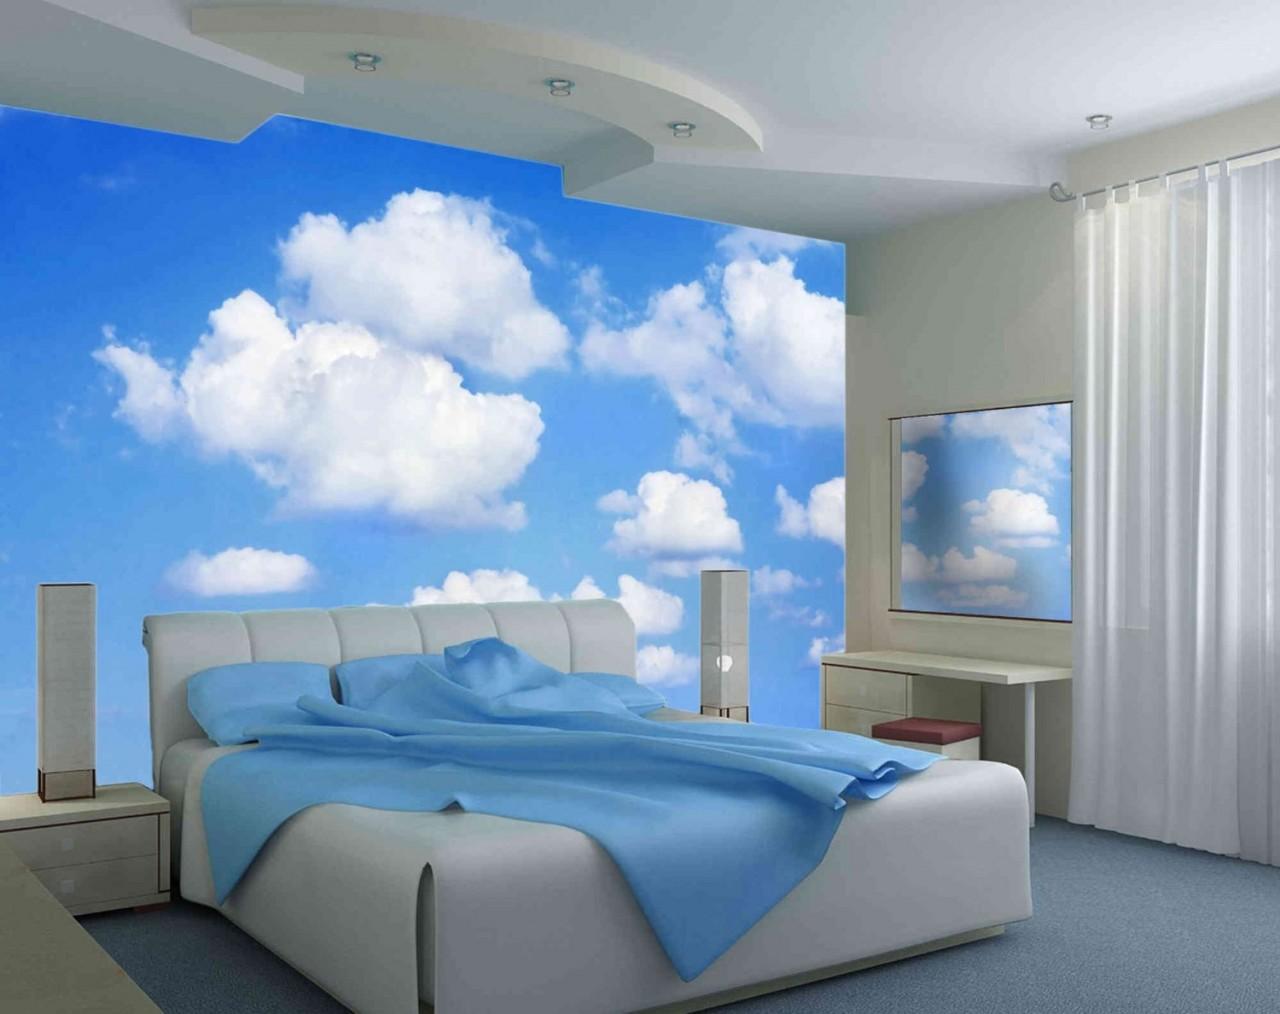 Облака в интерьере преображают спальню